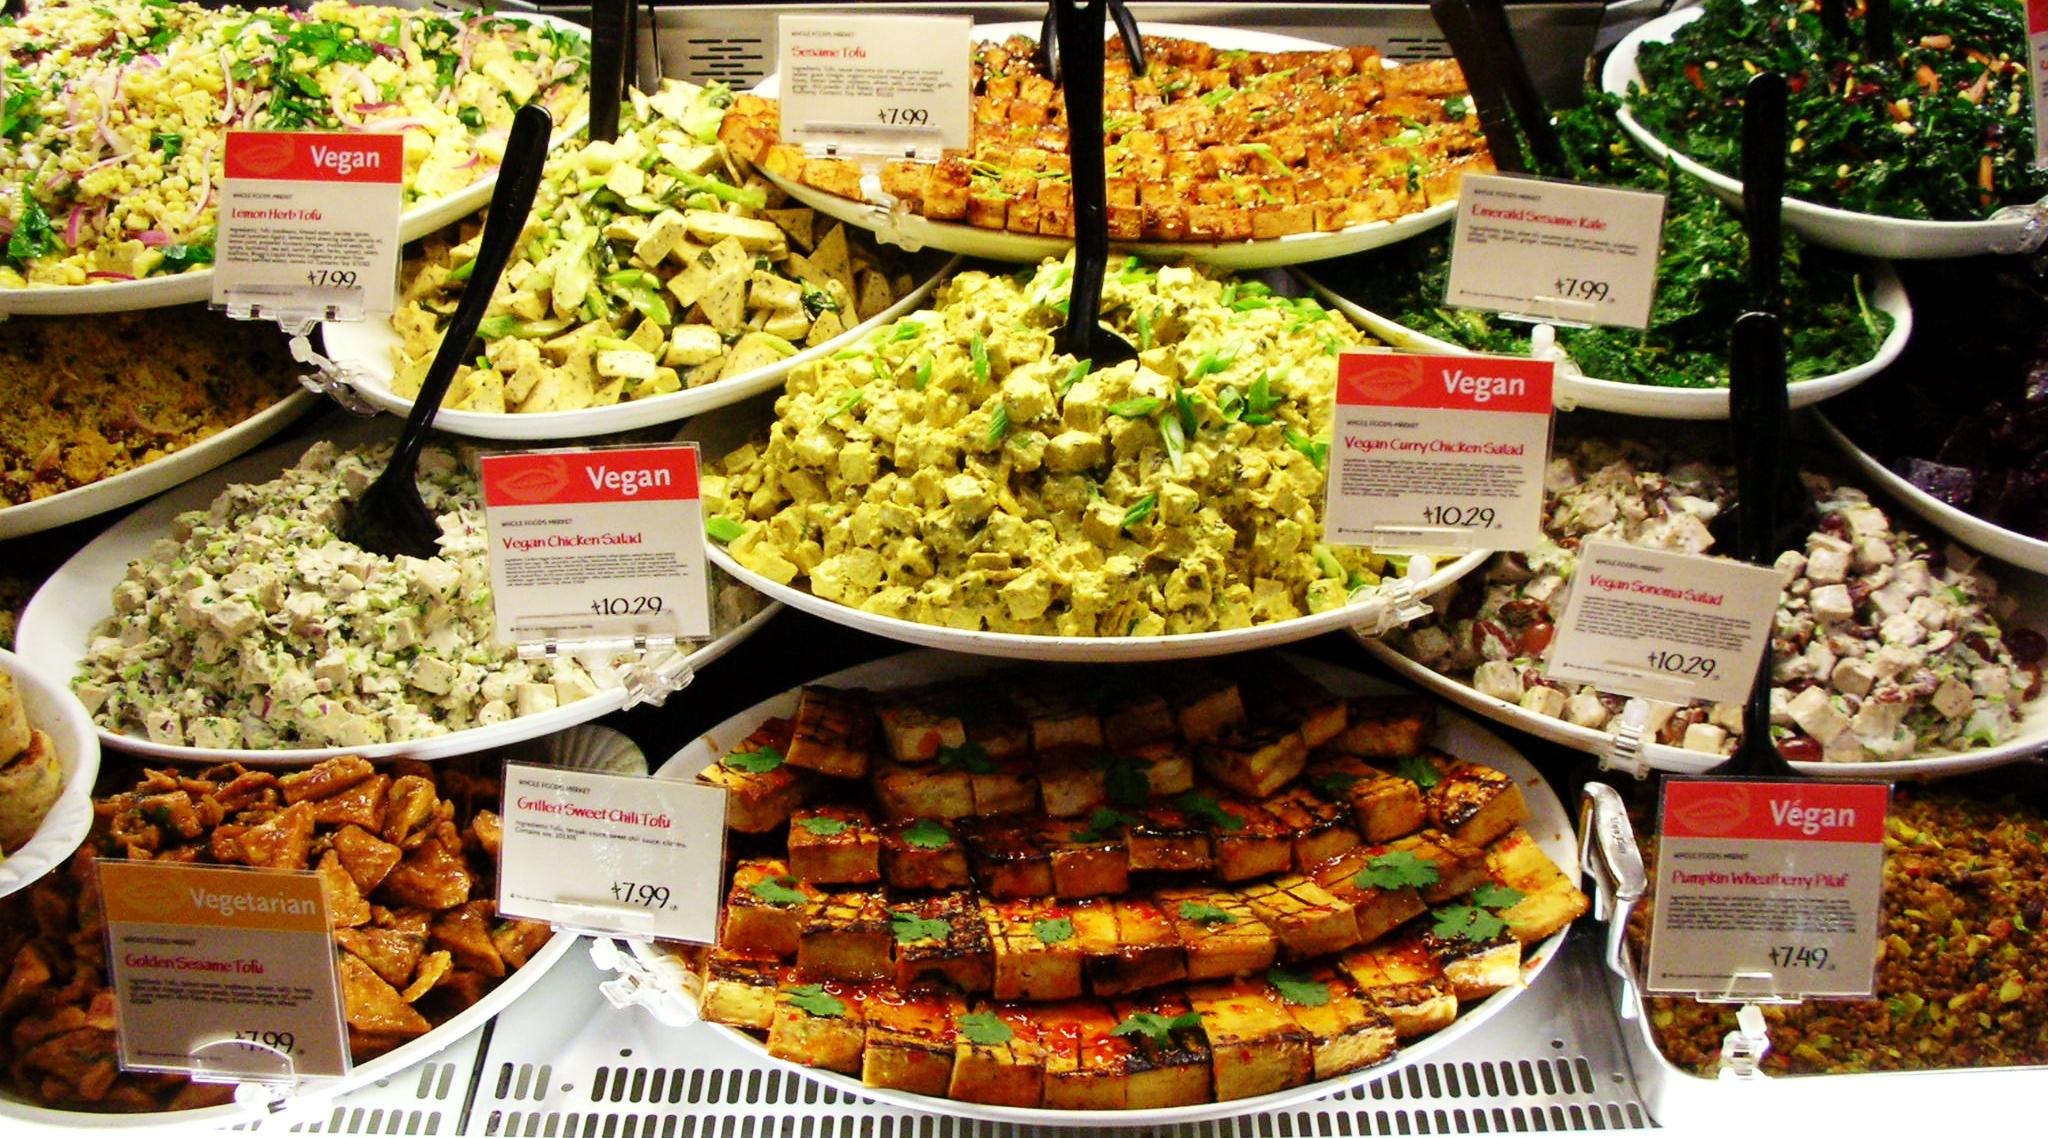 File Vegan Gardein Tofu Foods Display Cropped1 Jpg